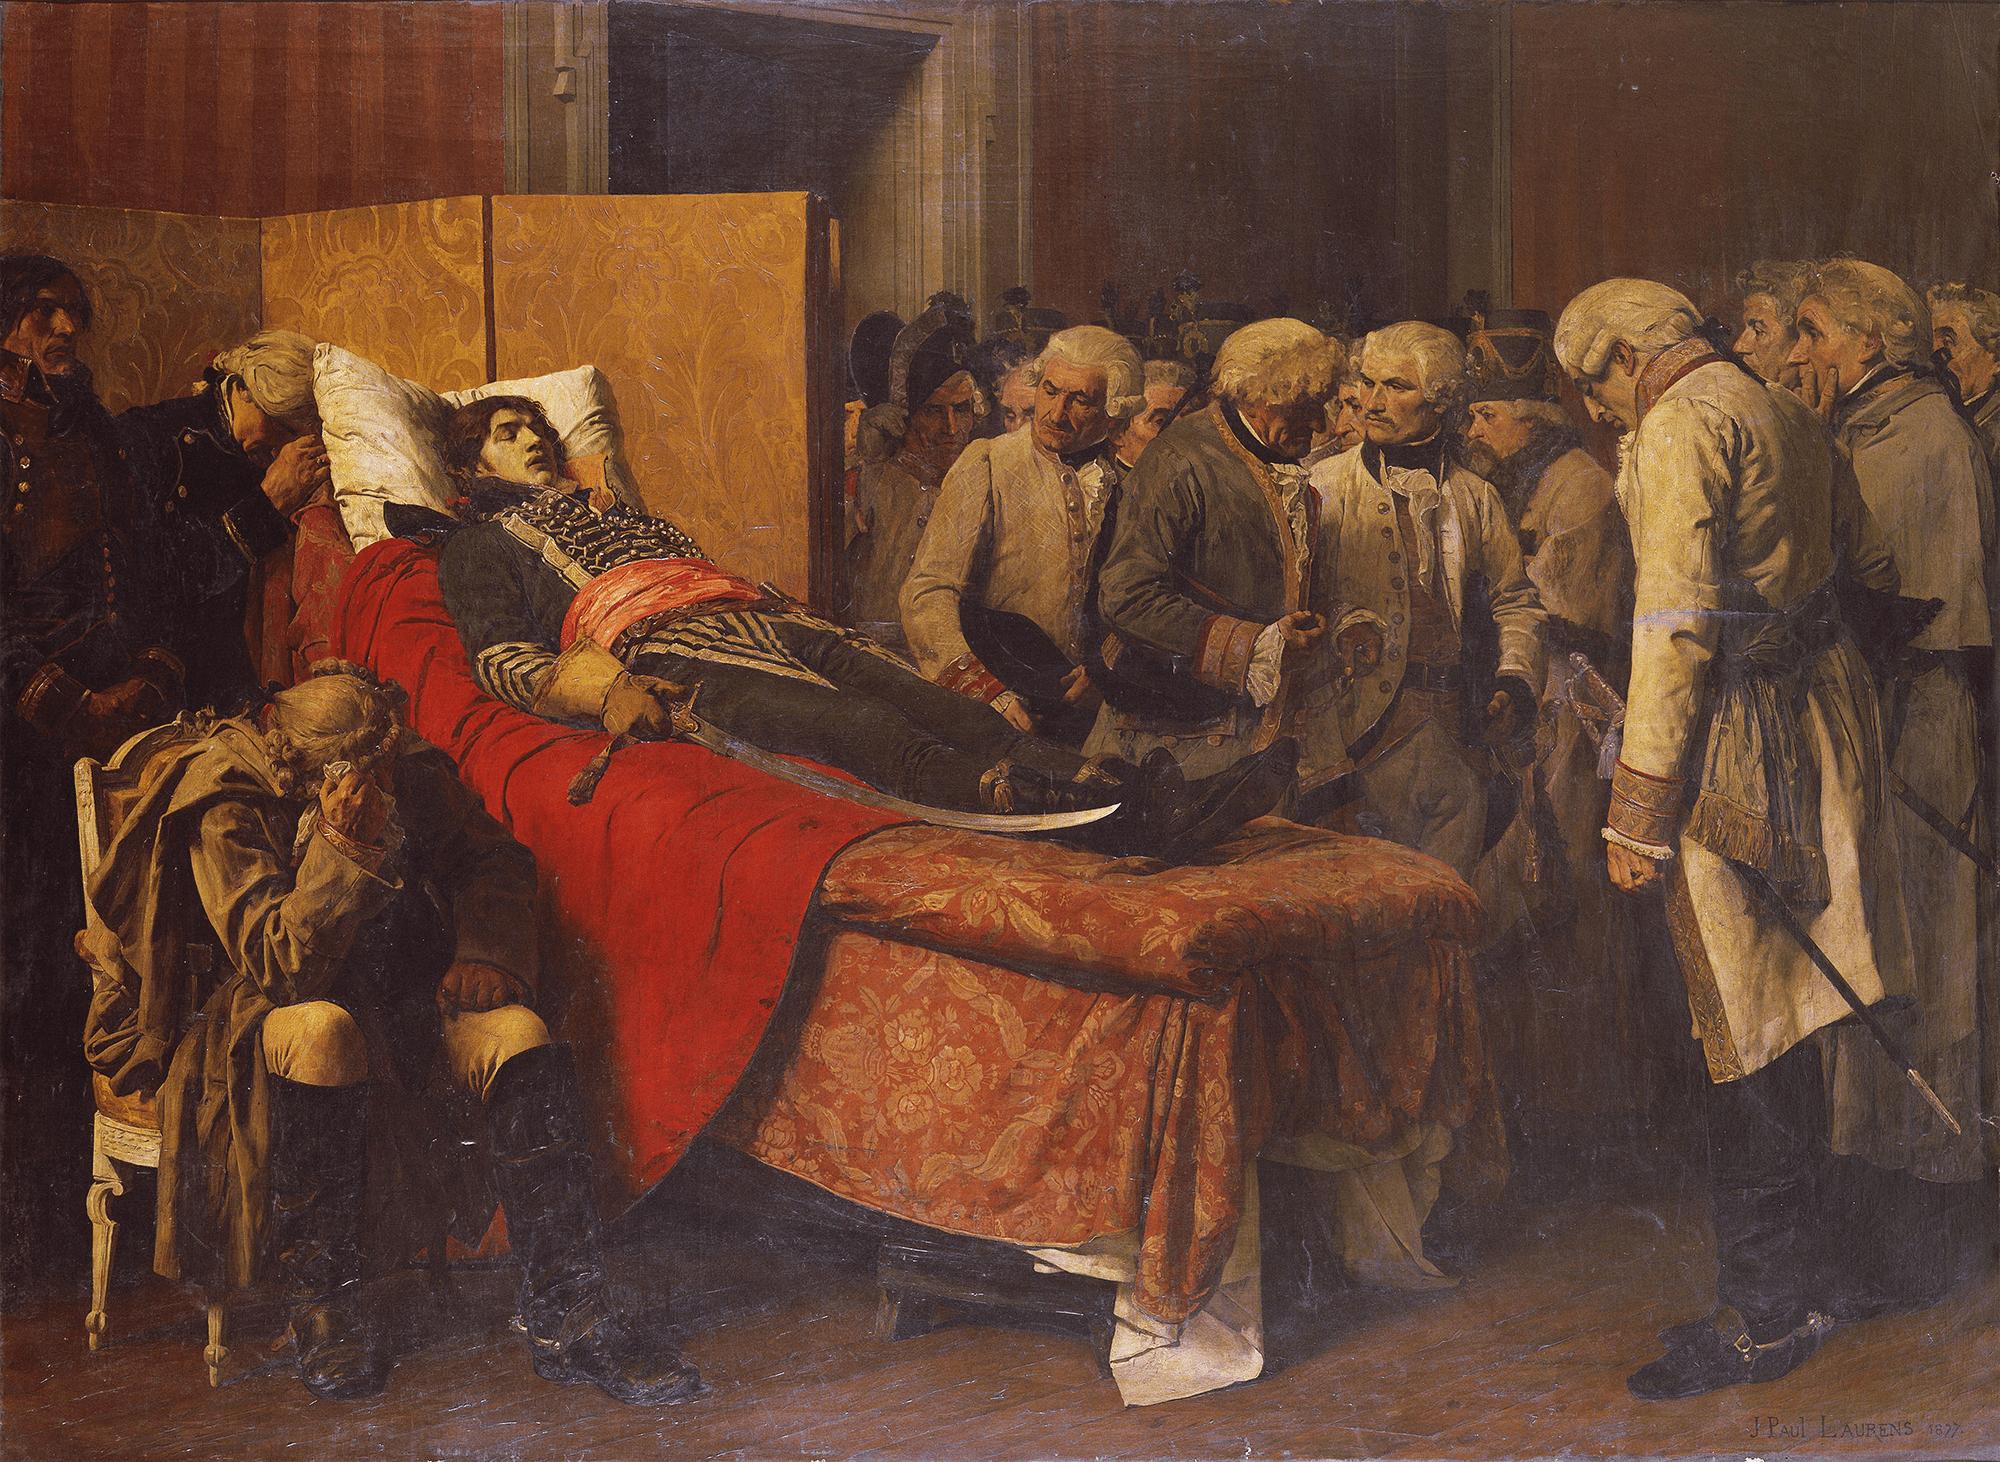 マルソー将軍の遺体の前のオーストリアの参謀たち